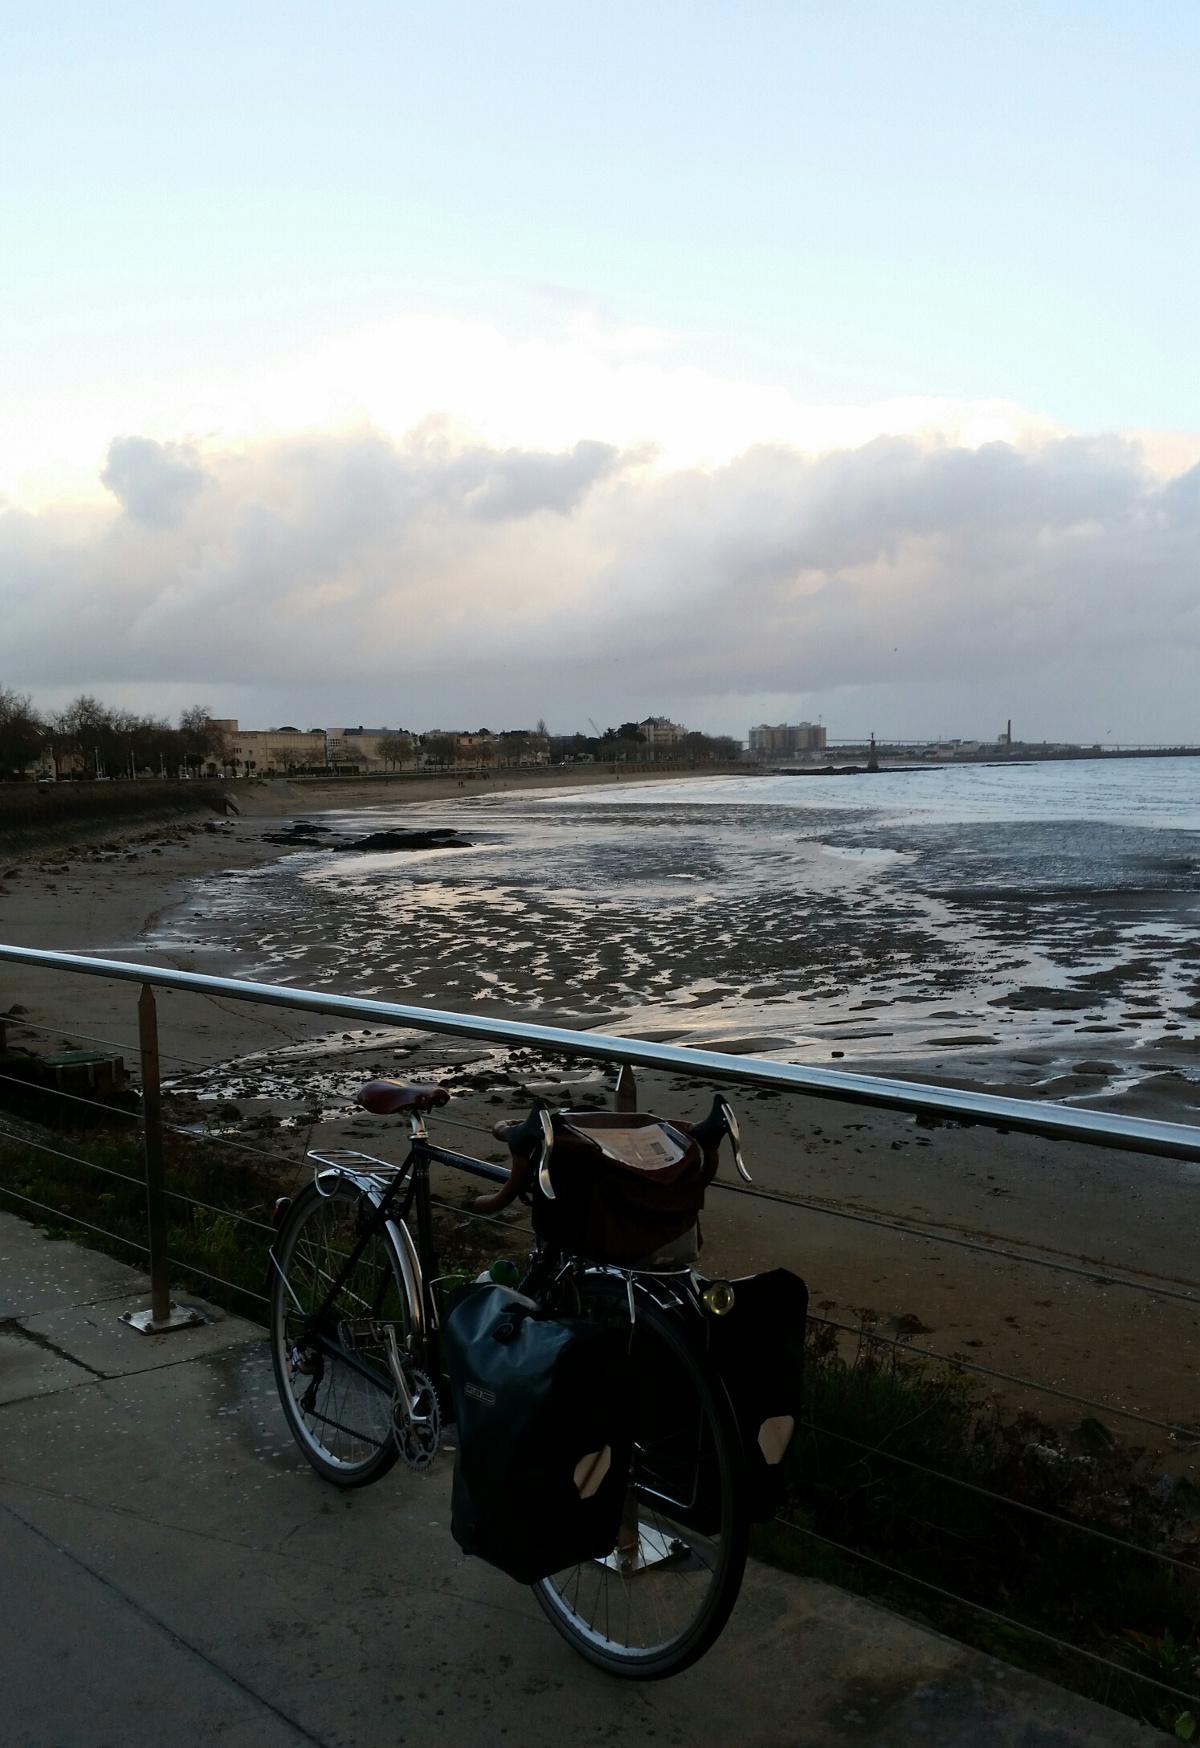 Décembre 2015 – Devant l'Océan Atlantique à Saint-Nazaire - Sous un ciel tourmenté (itinéraire de la Loire à vélo à partir d'Angers)